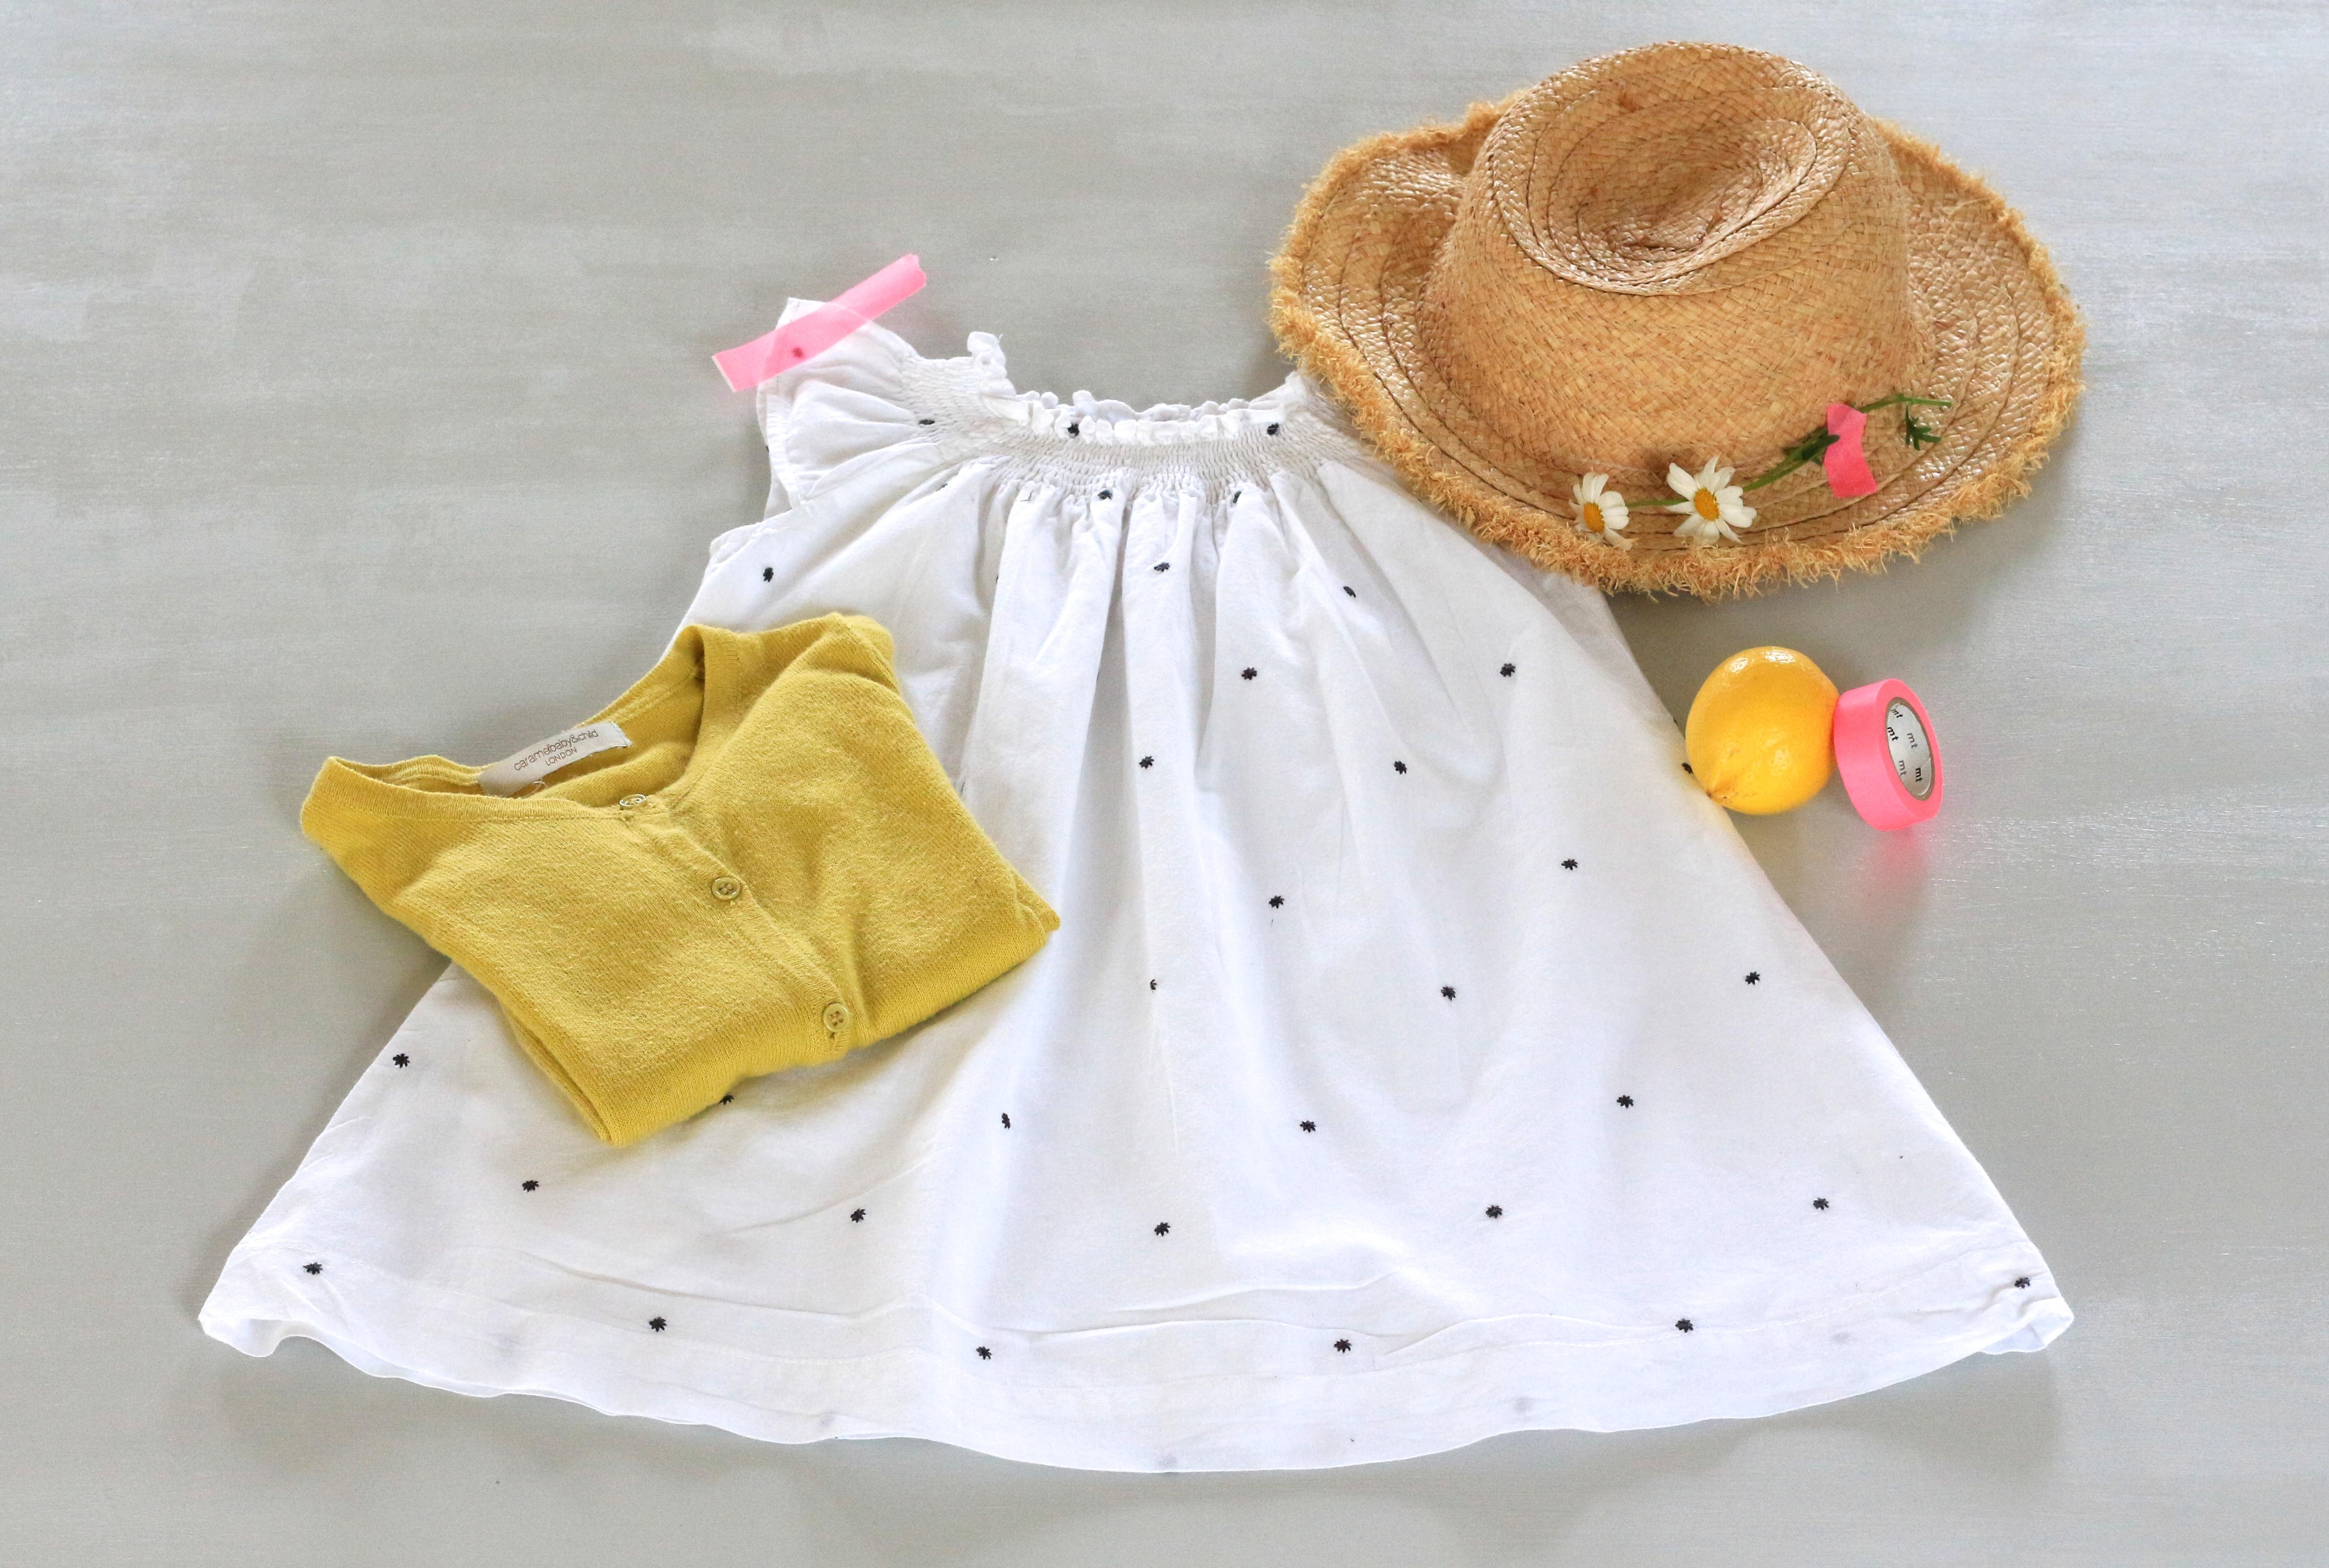 vent d'été : sélection fillettes / Girl summer dresses